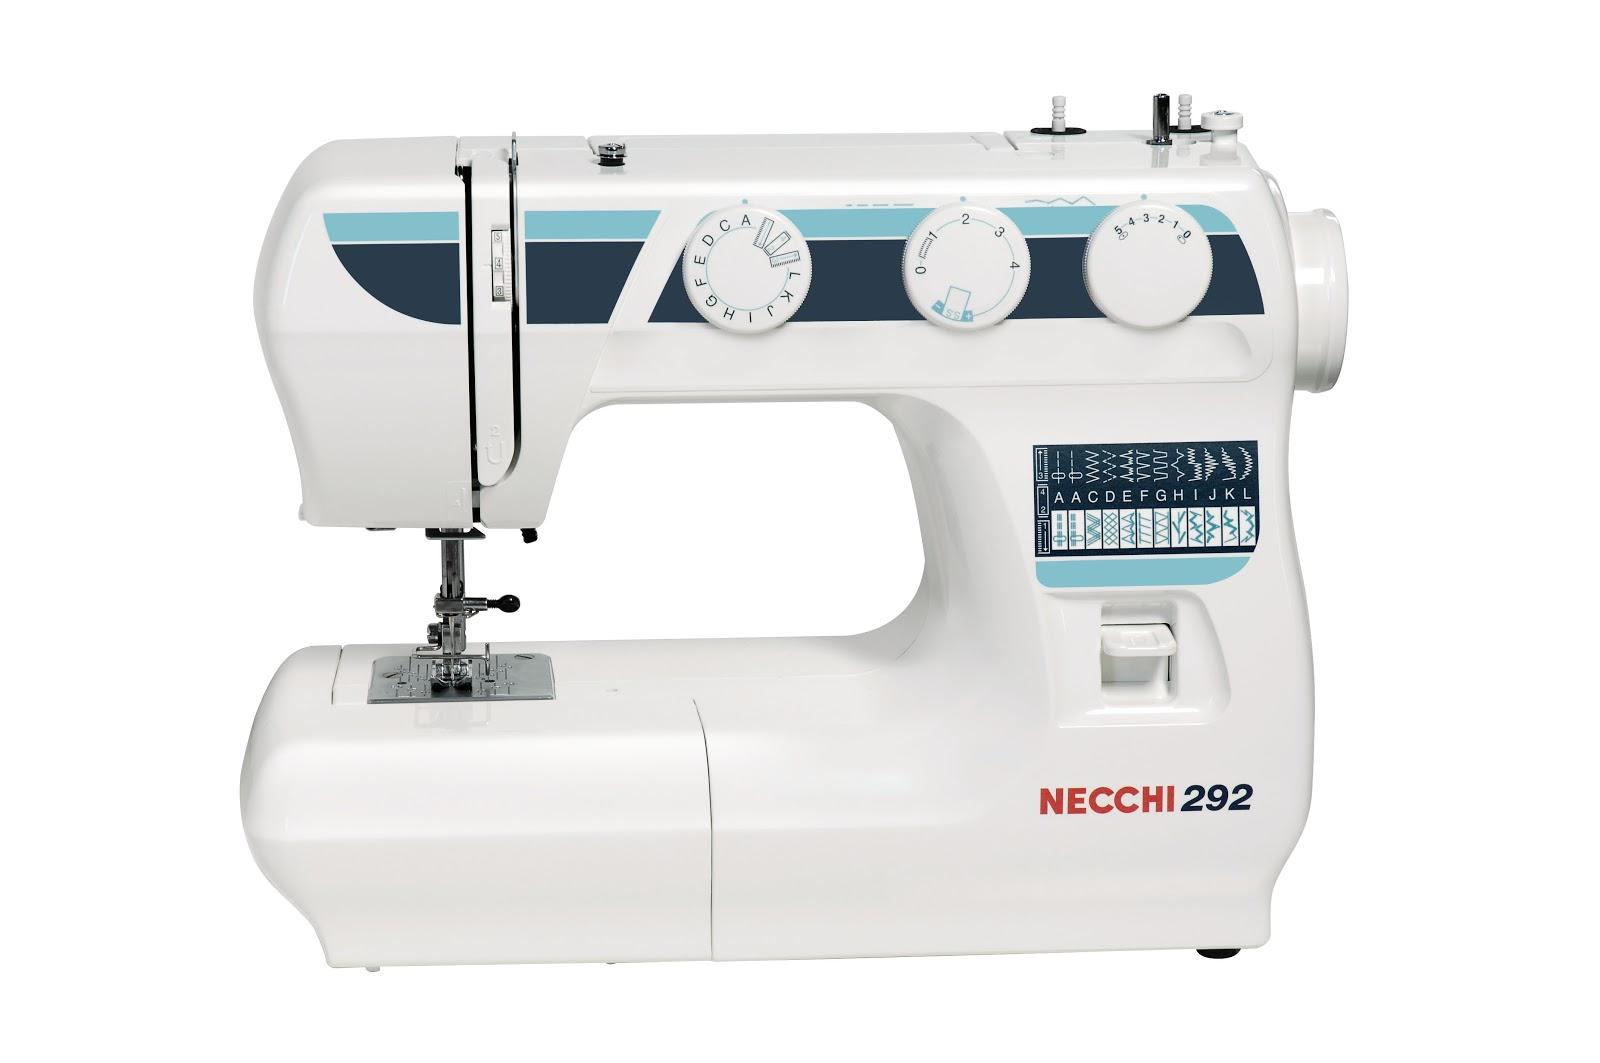 Maquinas de coser en ciudad real sigma modelo 292 m quina - Maquinas de coser ladys ...